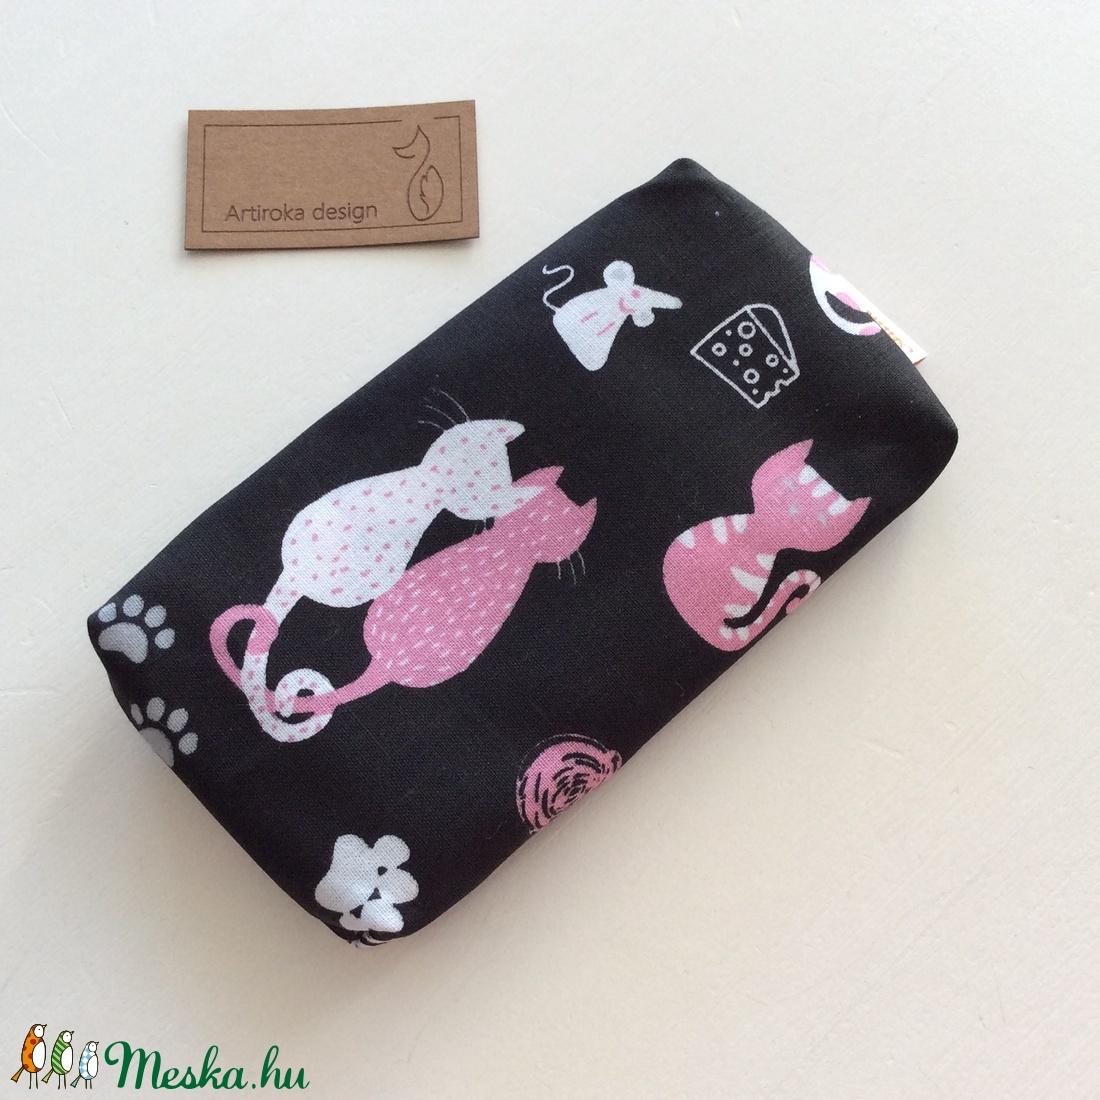 Fekete cica mintás bélelt papírzsebkendő tartó - Artiroka design (Mesedoboz) - Meska.hu